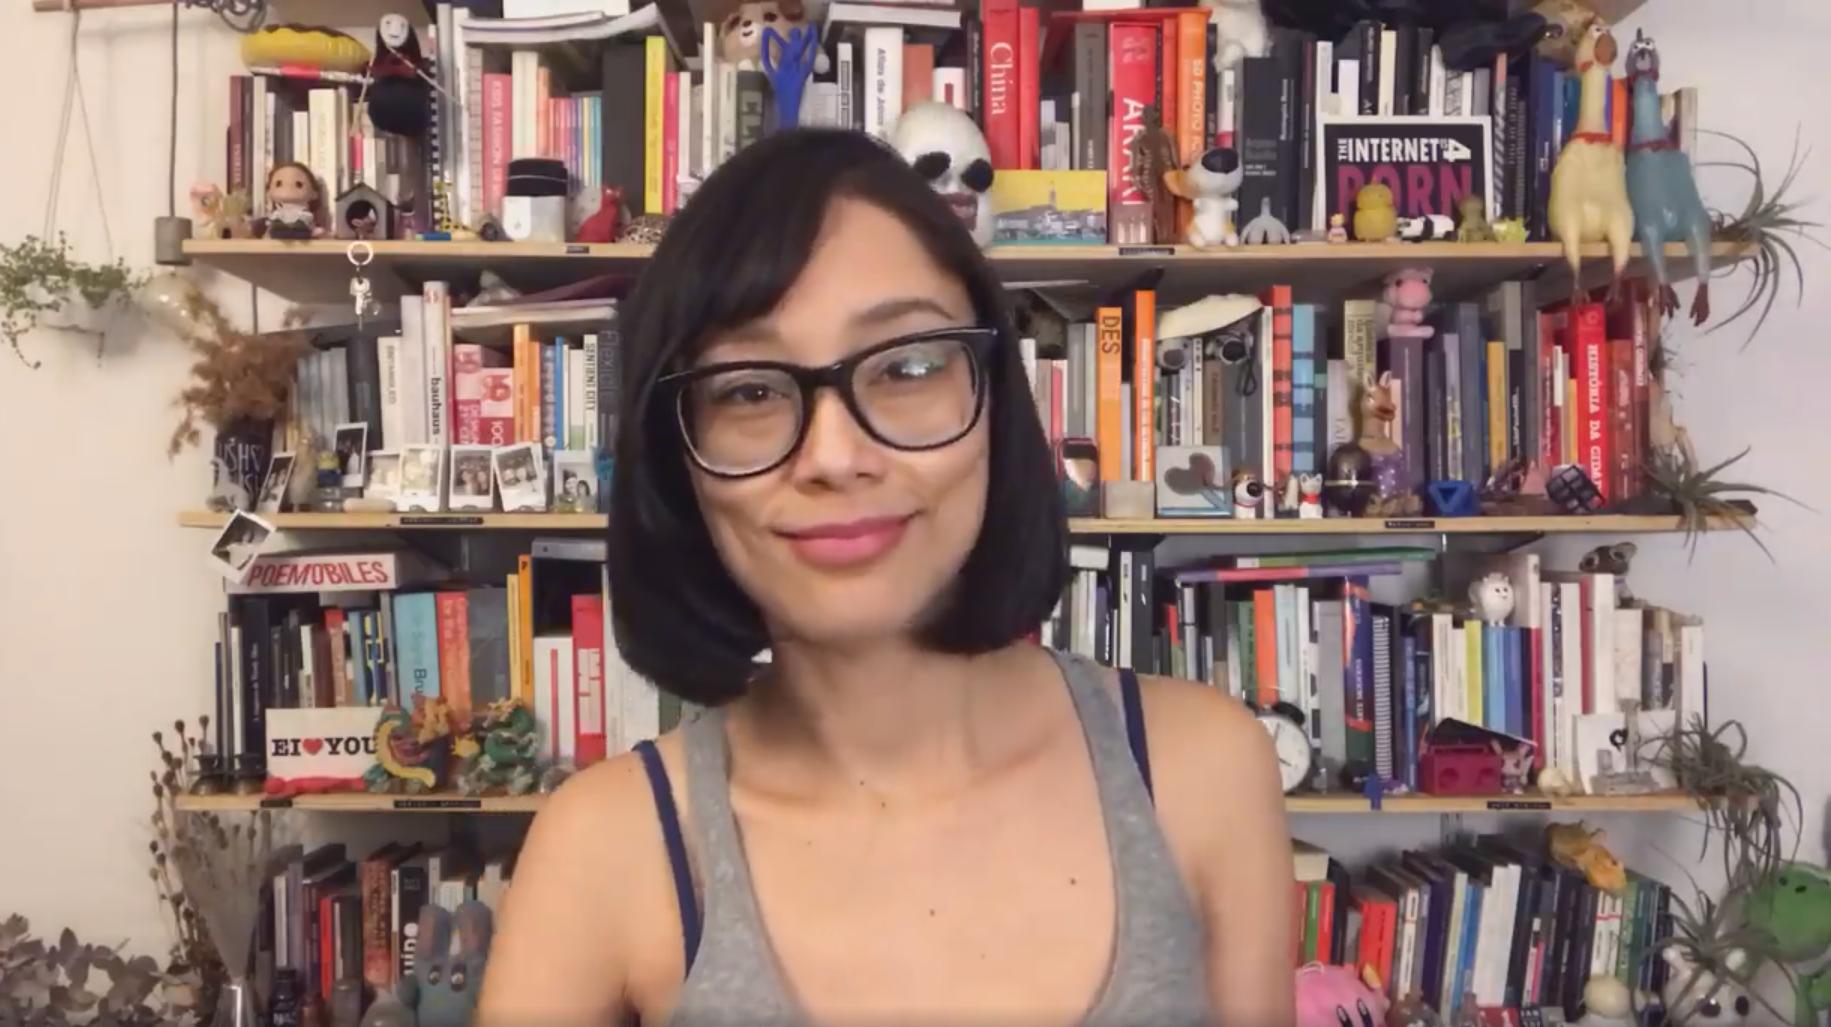 """A pesquisadora Rita Wu em vídeo sobre as ações do movimento maker na pandemia: """"Esse é o momento ideal para repensar e reimaginar as formas de produção global, avançando para um sistema mais democrático, sustentável, descentralizado e colaborativo"""" (Reprodução)"""